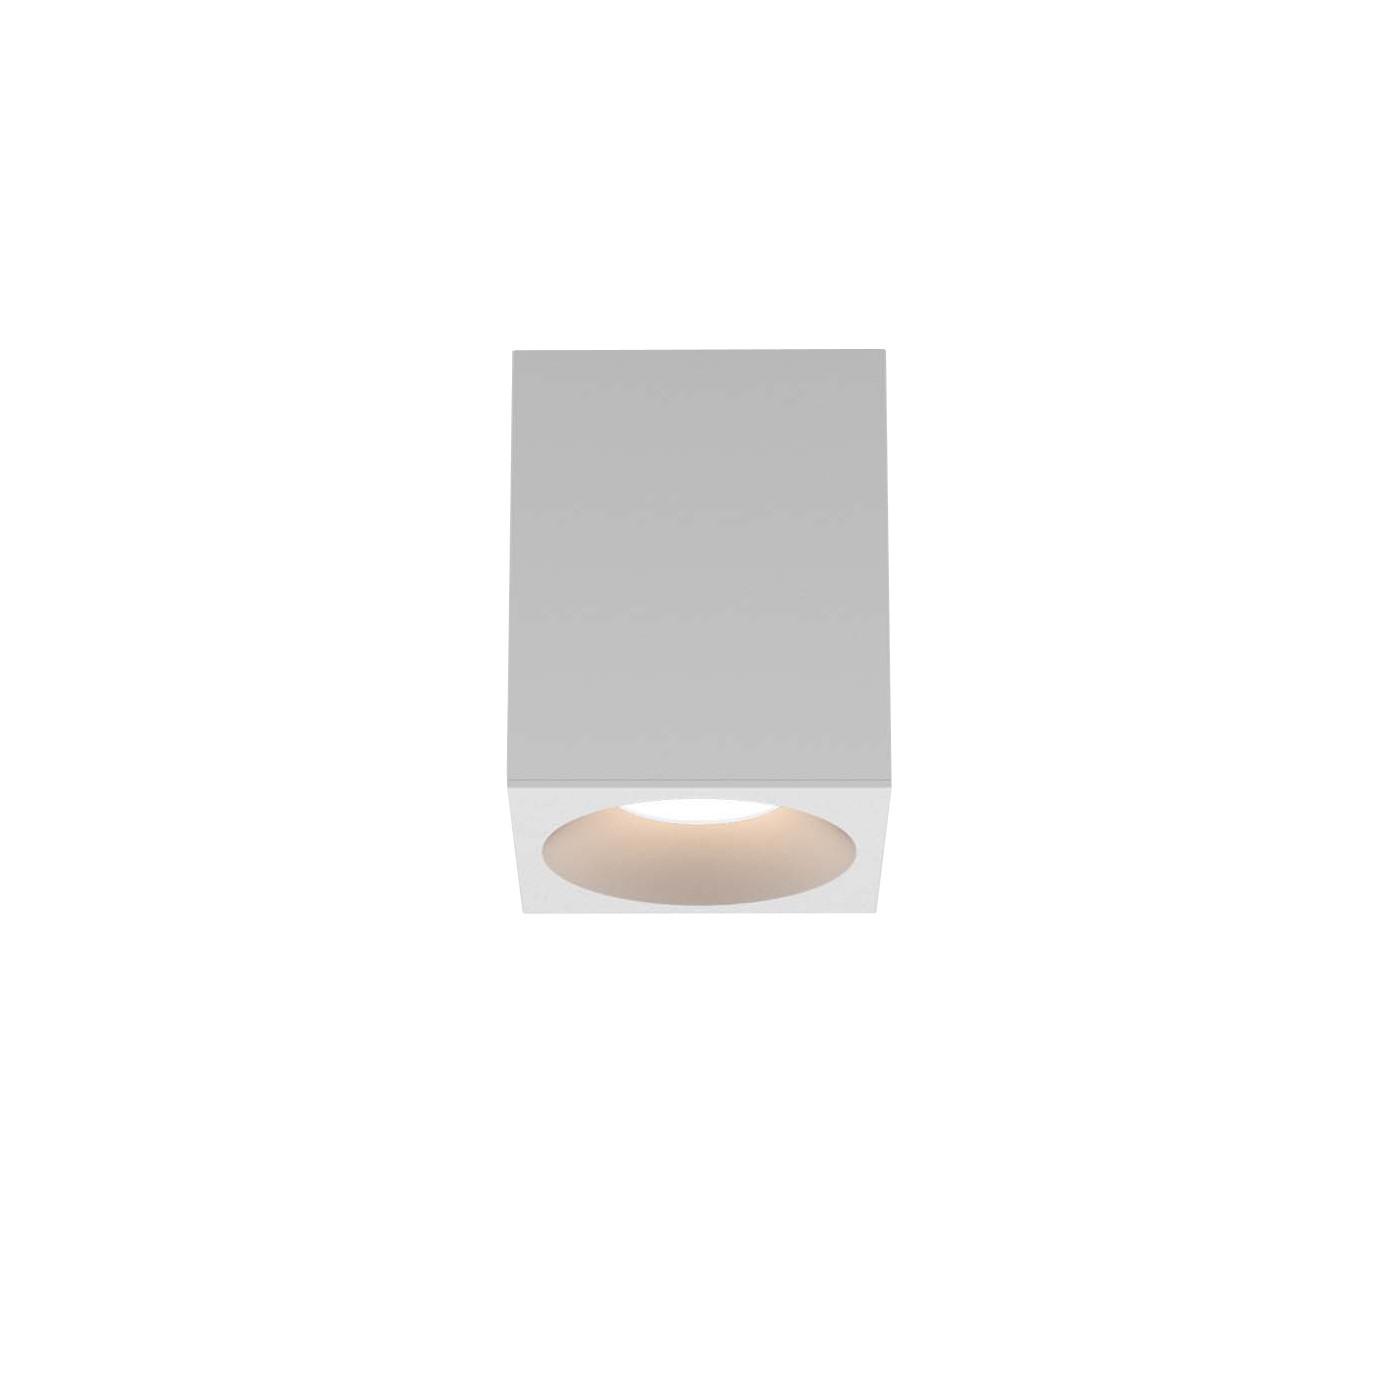 Astro Kos Square 100 LED Deckenleuchte